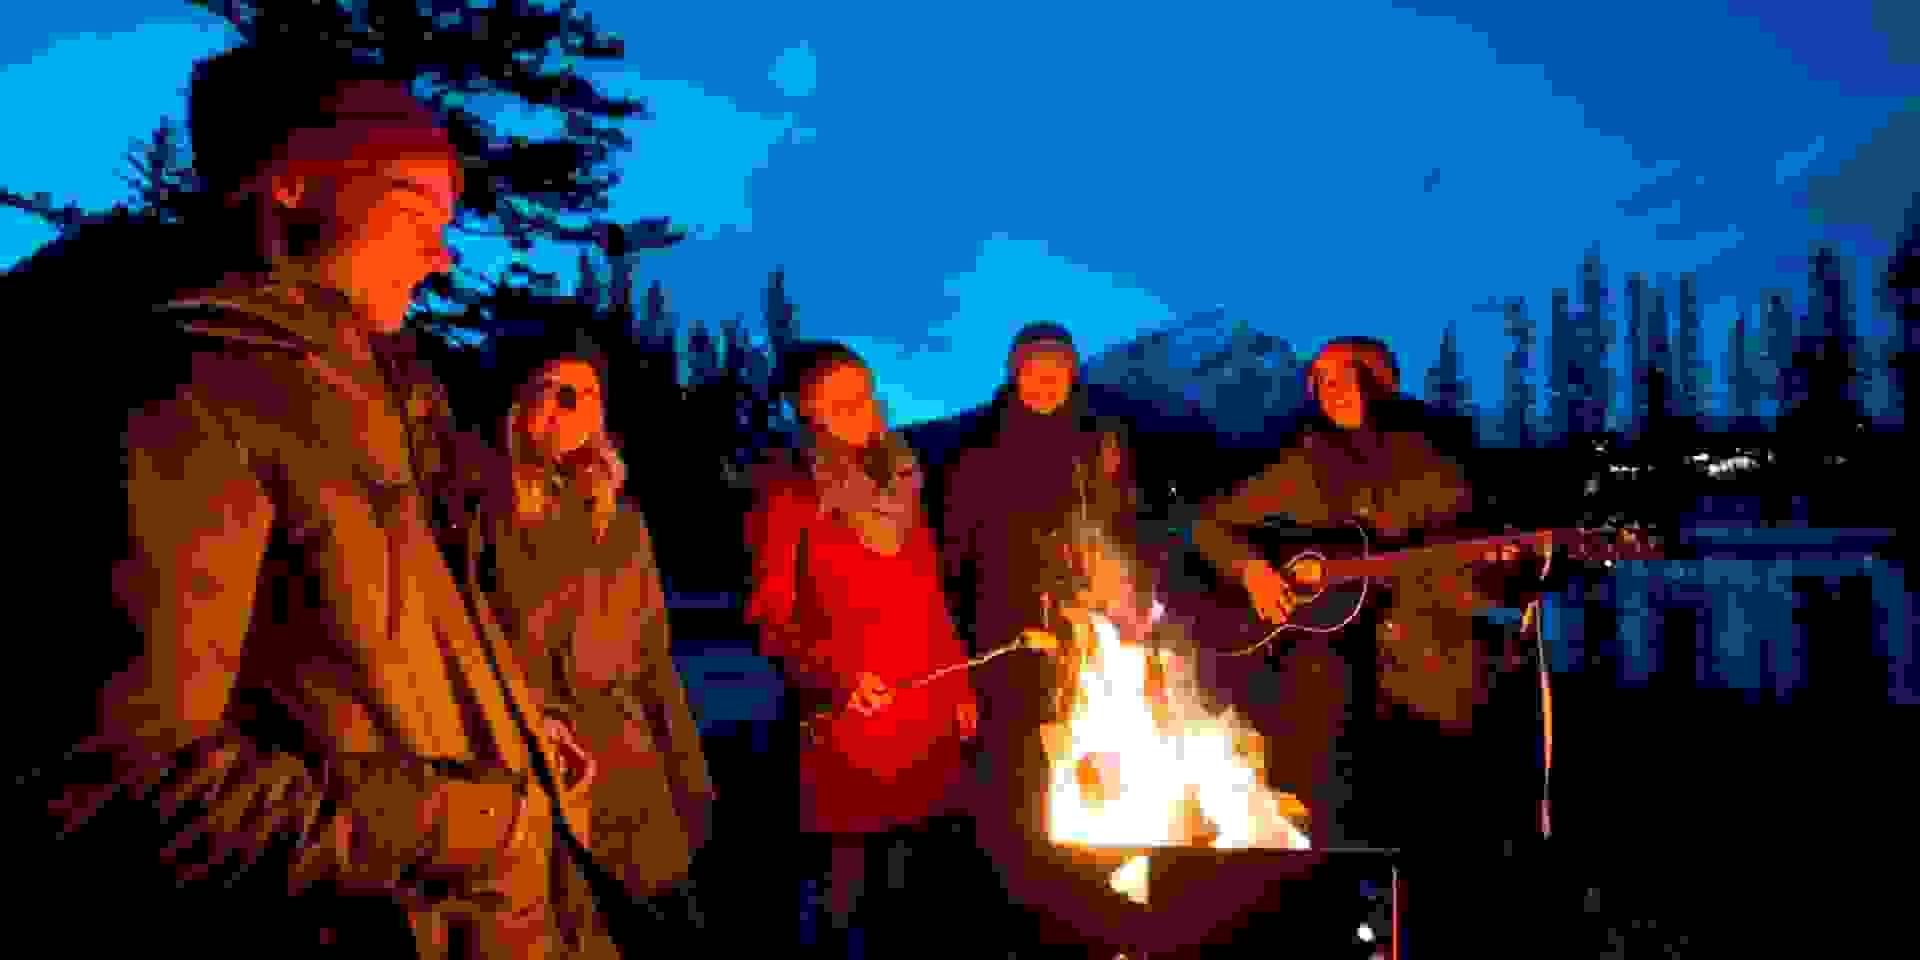 Eine Gruppe Wanderer steht am Lagerfeuer und wärmt sich auf.